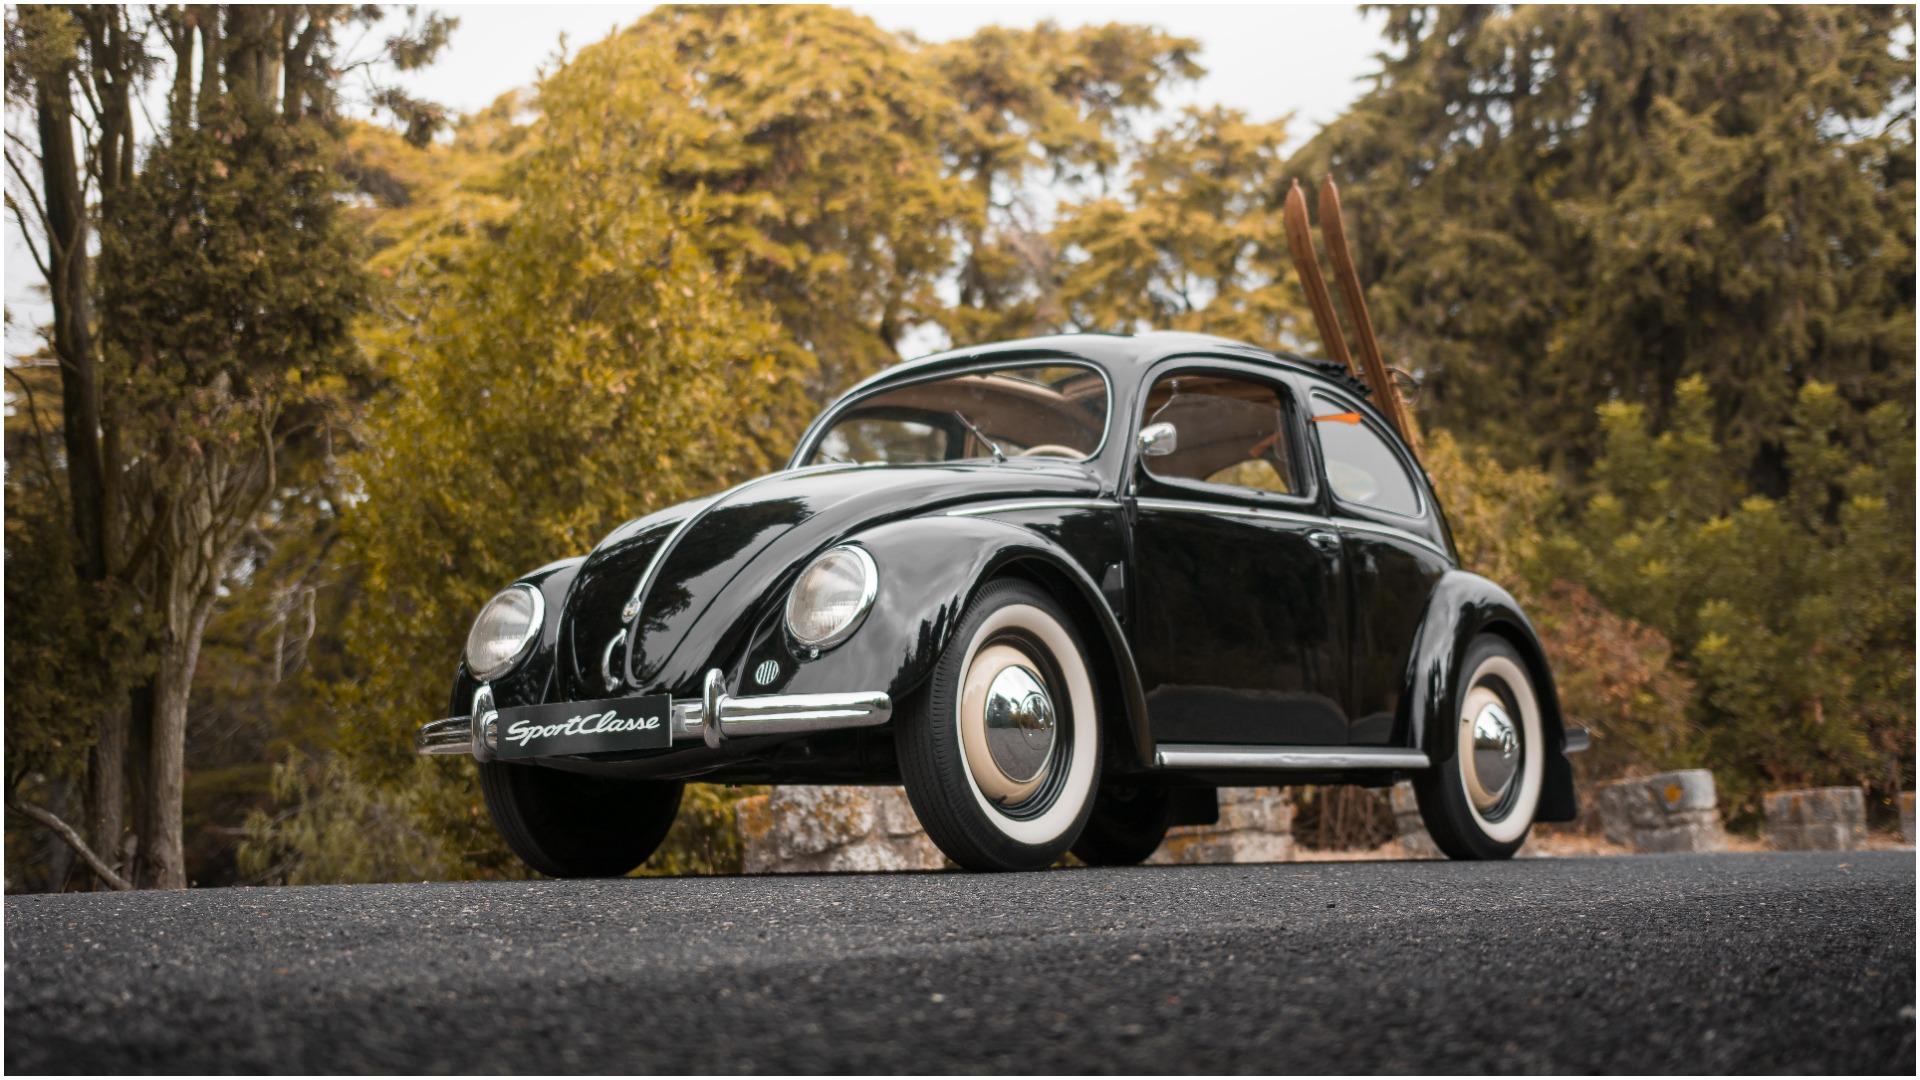 Volkswagen Carocha 1200 Rag Top Split Window (1952)